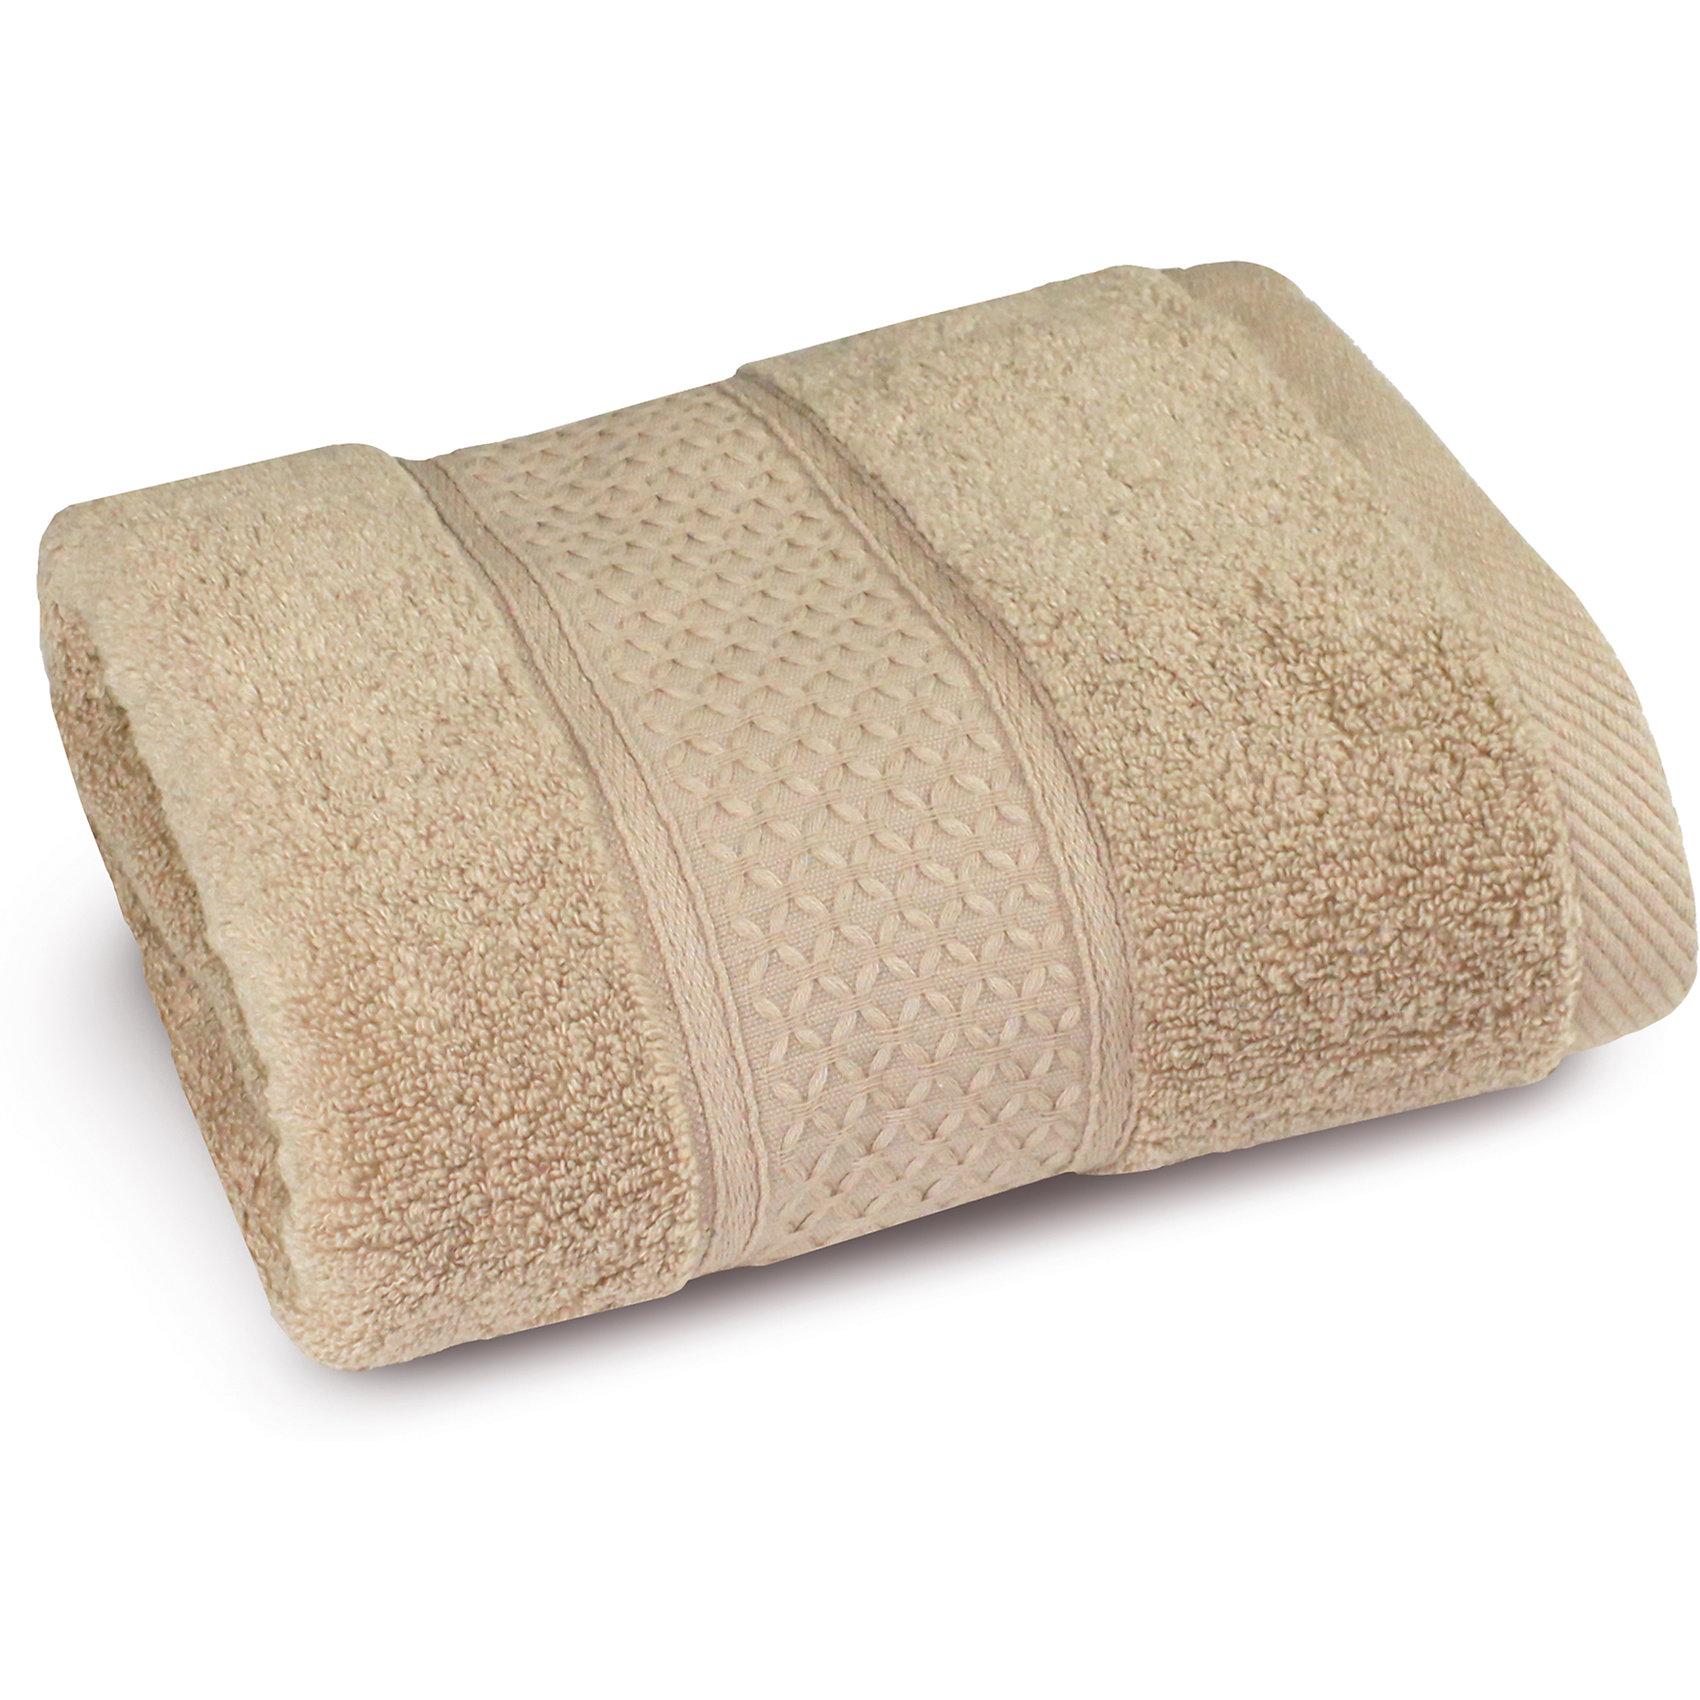 Полотенце махровое 100*150, Cozy Home, бежевыйПолотенце махровое 100*150, Cozy Home (Кози Хоум), бежевый<br><br>Характеристики:<br><br>• приятное на ощупь полотенце<br>• хорошо впитывает влагу<br>• размер: 100х150 см<br>• материал: хлопок<br>• цвет: бежевый<br><br>Выбор полотенца - очень важное и ответственное занятие, ведь именно полотенце согреет и подарит вам уют после водных процедур. Махровое полотенце от Cozy Home изготовлено из натурального хлопка. Оно очень мягкое и приятное на ощупь. Также полотенце из хлопка обладает высокой гигроскопичностью и быстро впитывает влагу. <br><br>Еще одно немаловажное свойство полотенца - гипоаллергенность. Полотенце не вызывает раздражения на чувствительной коже и даже обладает антибактериальными свойствами. Хлопковый материал гарантирует изделию высокую износостойкость, устойчивость к деформации и загрязнениям. Полотенце нежного бежевого цвета имеет красивый узор по краю. Цвет изделия не изменится даже после многочисленных стирок. Мягкое полотенце подарит вам нежность и комфорт.<br><br>Полотенце махровое 100*150, Cozy Home (Кози Хоум), бежевый вы можете купить в нашем интернет-магазине.<br><br>Ширина мм: 150<br>Глубина мм: 250<br>Высота мм: 150<br>Вес г: 500<br>Возраст от месяцев: 0<br>Возраст до месяцев: 216<br>Пол: Унисекс<br>Возраст: Детский<br>SKU: 5355267